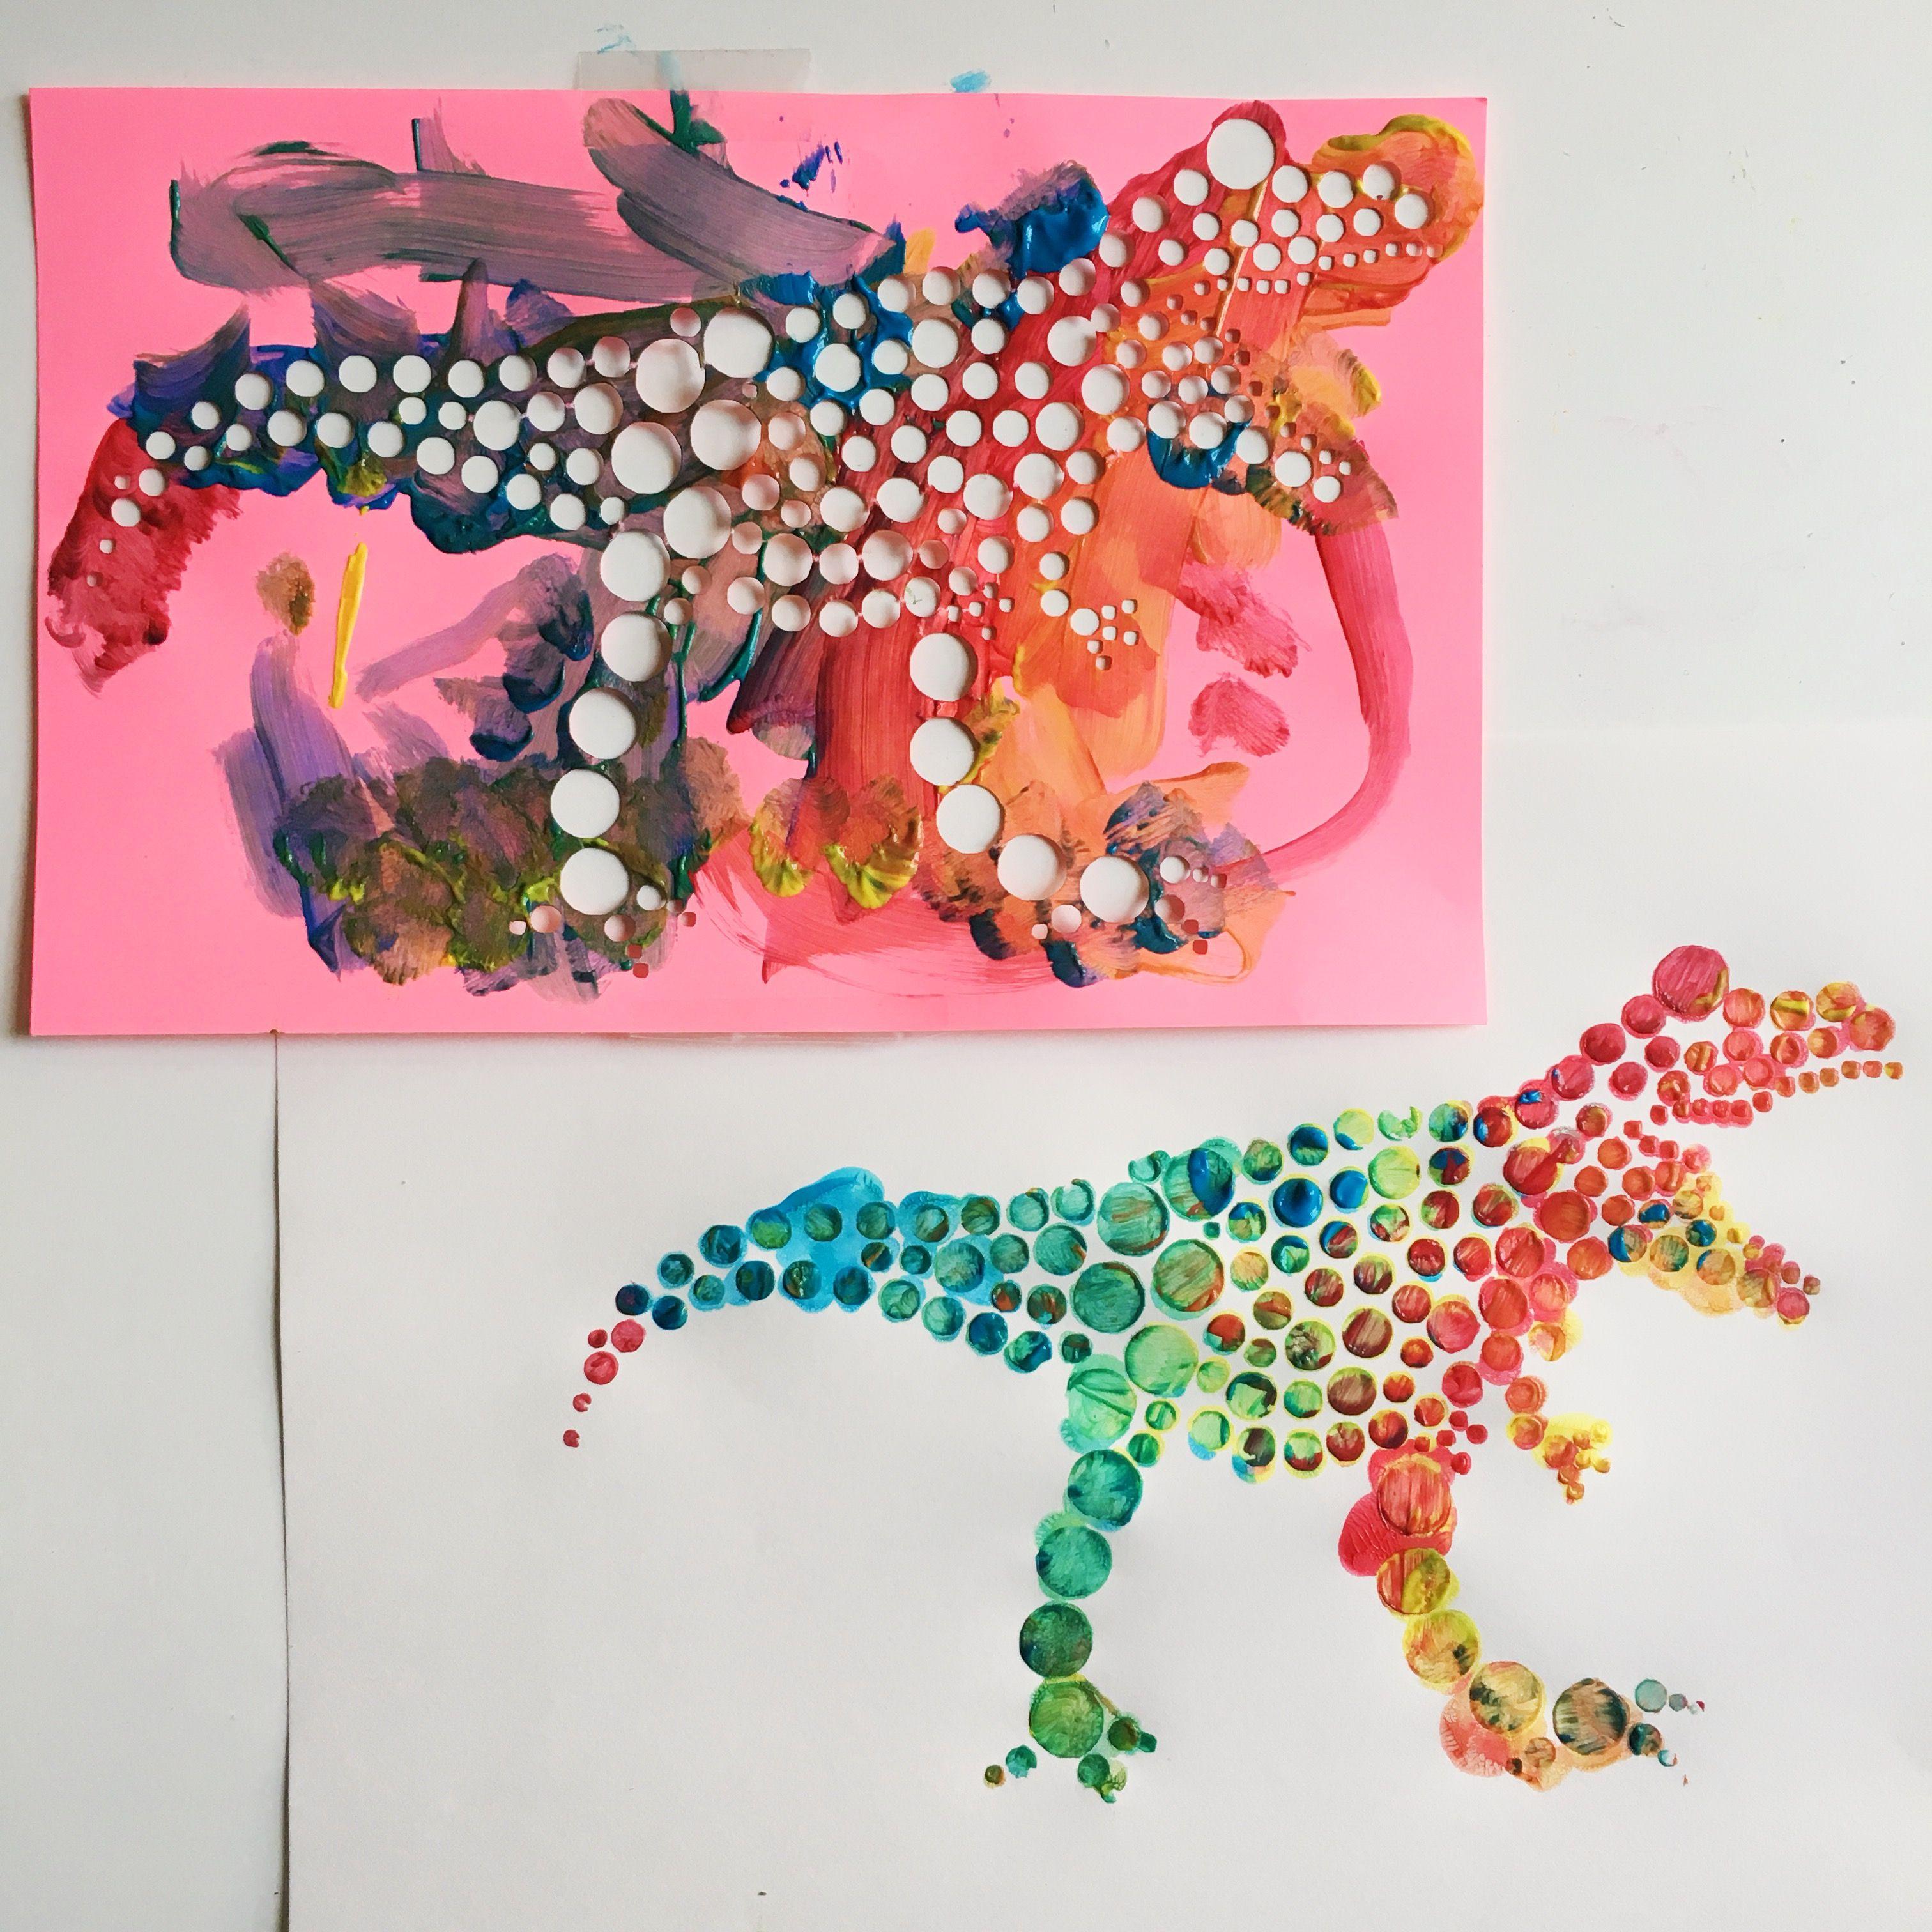 DINOSAUR POINTILLISM ART | Art room projects! | Dinosaur art